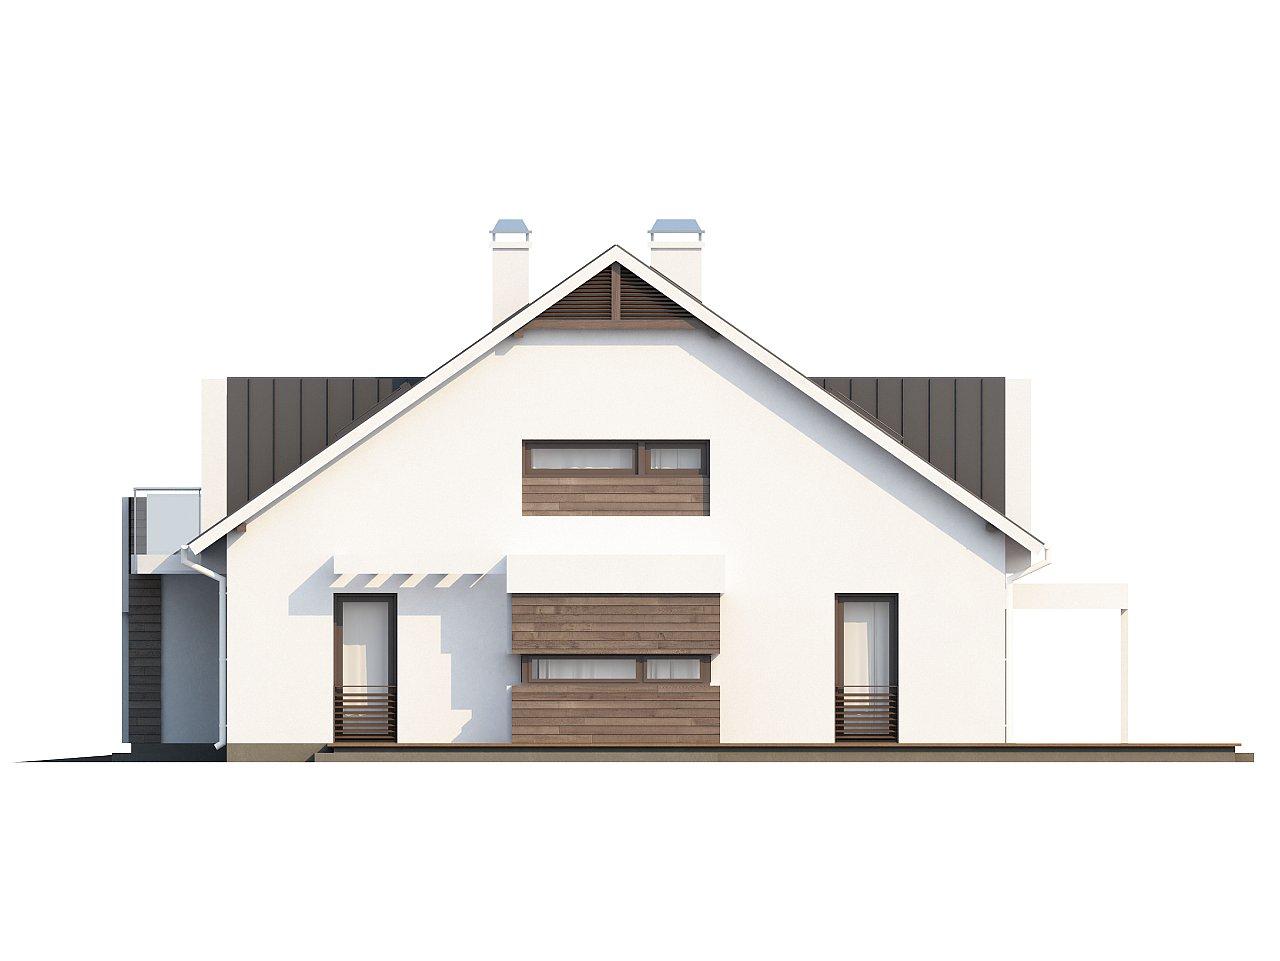 Стильный комфортный дом современного дизайна со встроенным гаражом. 6